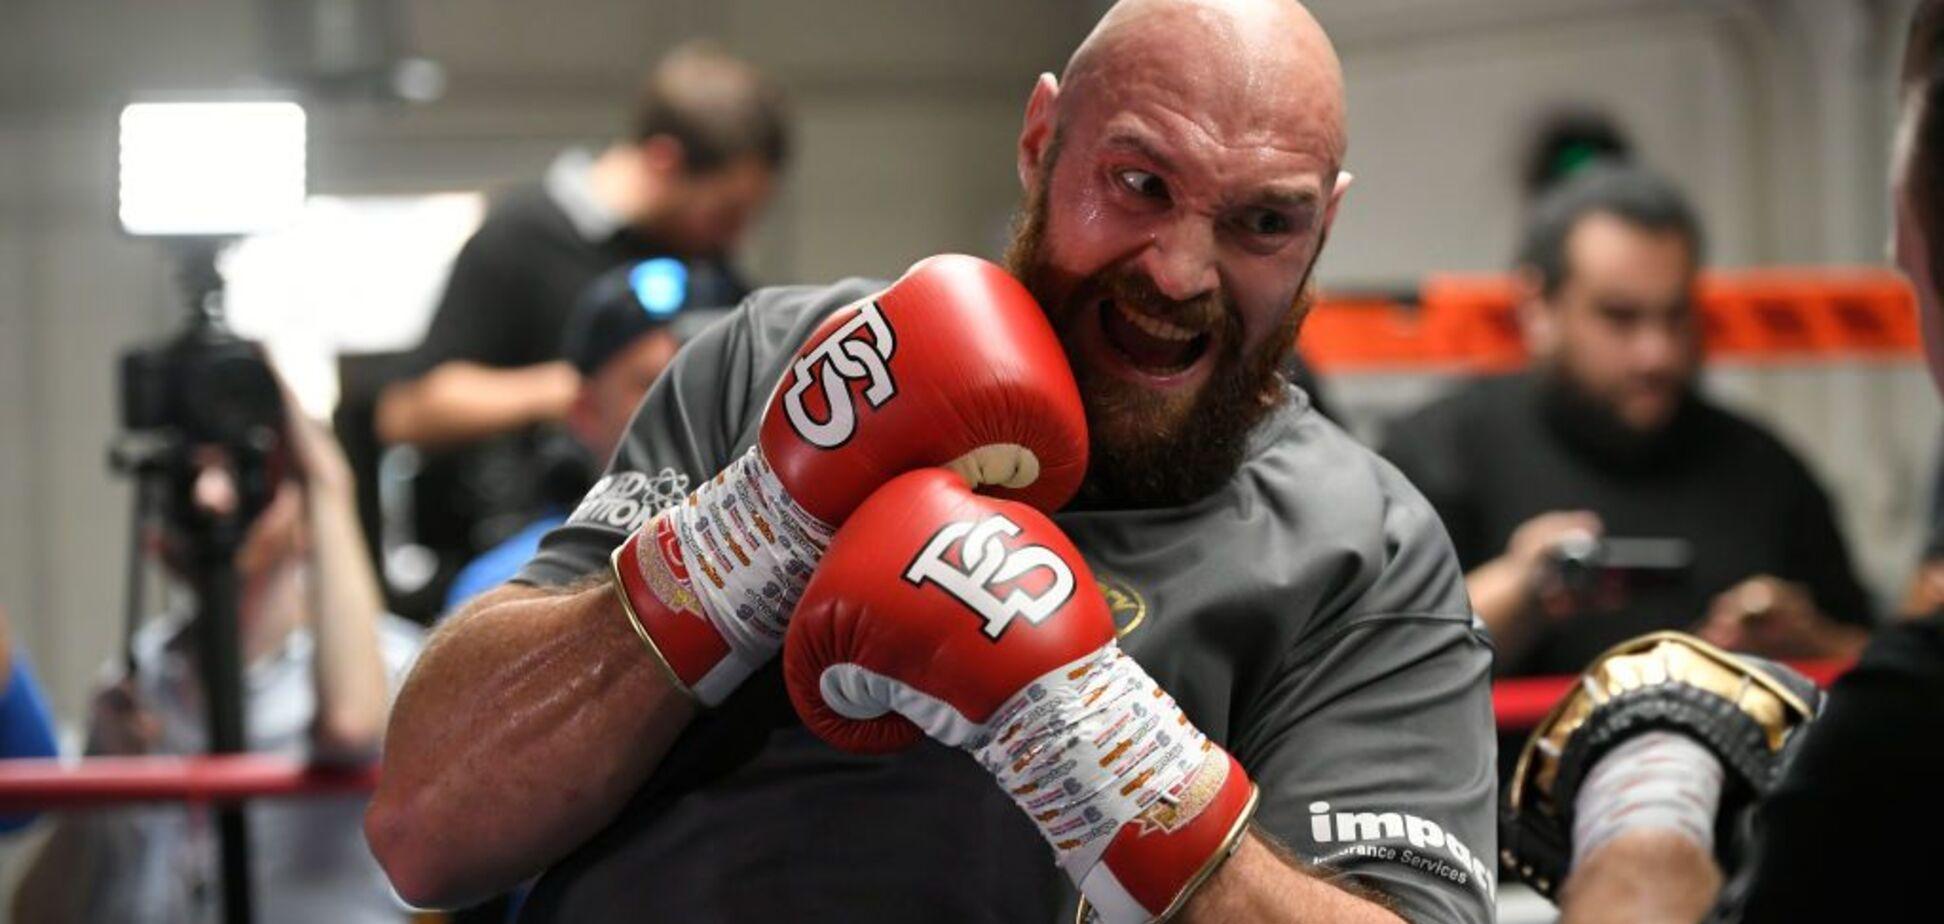 Уайлдер - Фьюри: названы рекордные гонорары боксеров за чемпионский супербой